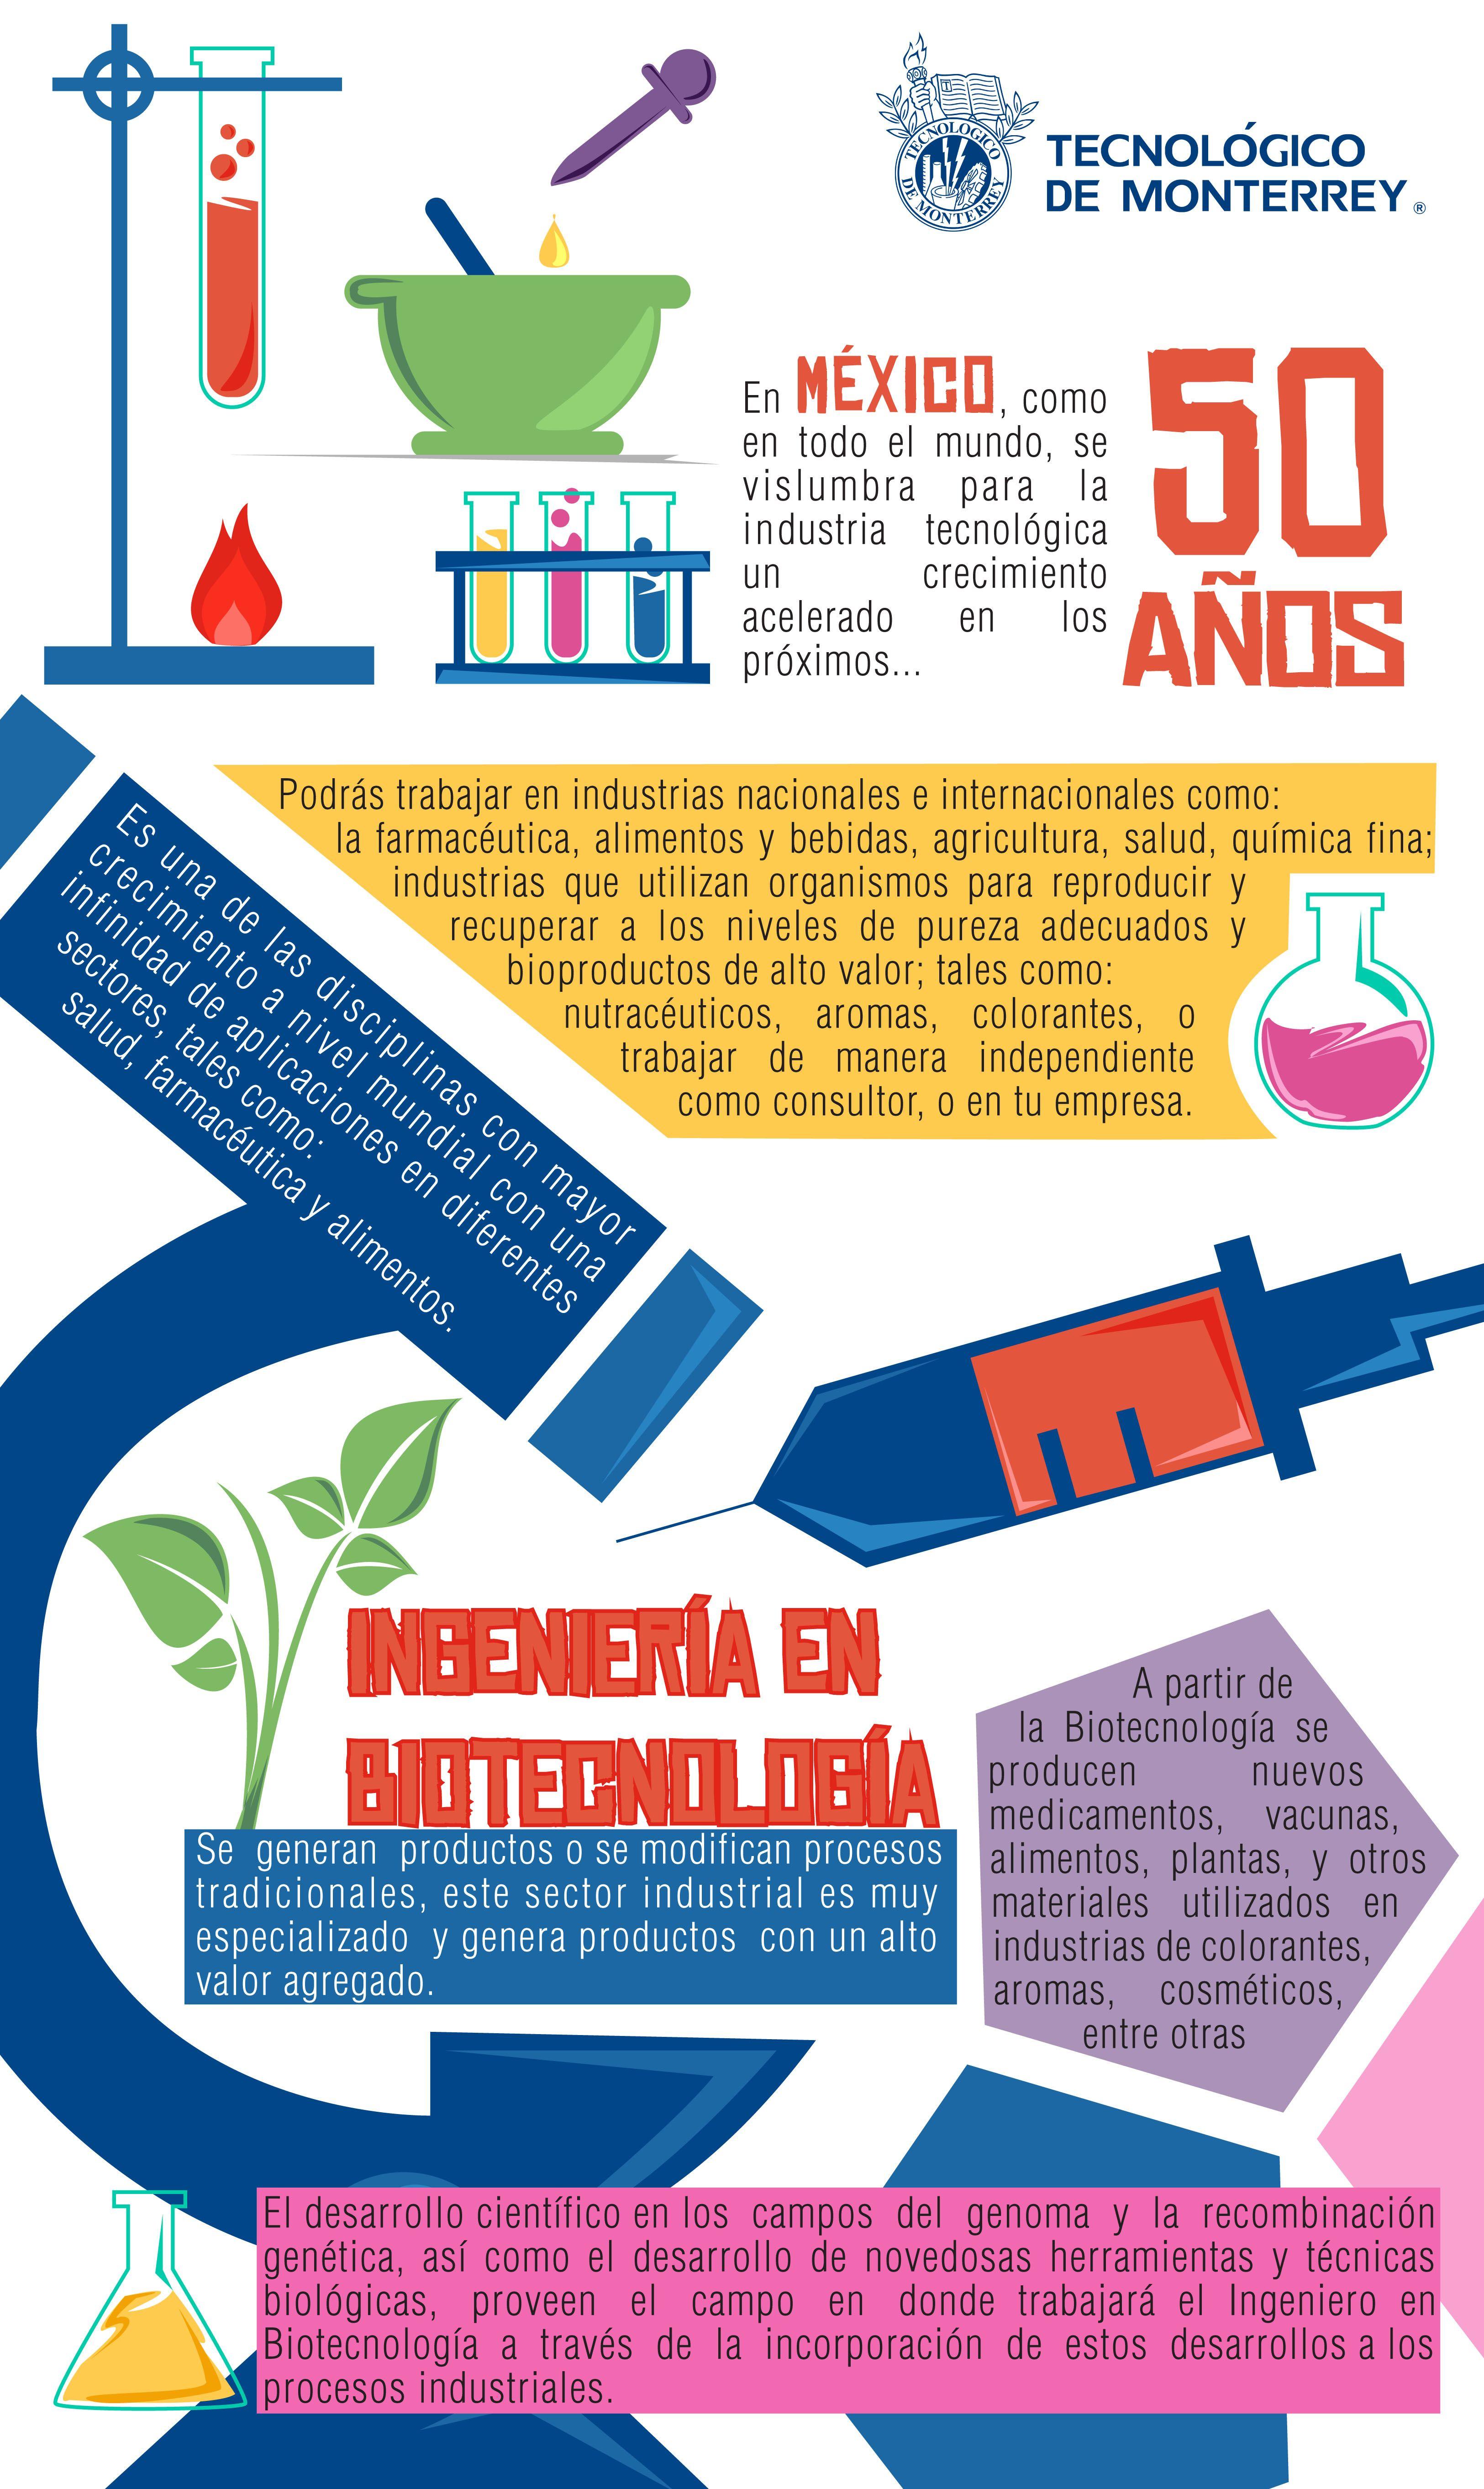 Ingeniería en Biotecnología | biotecnologia | Pinterest